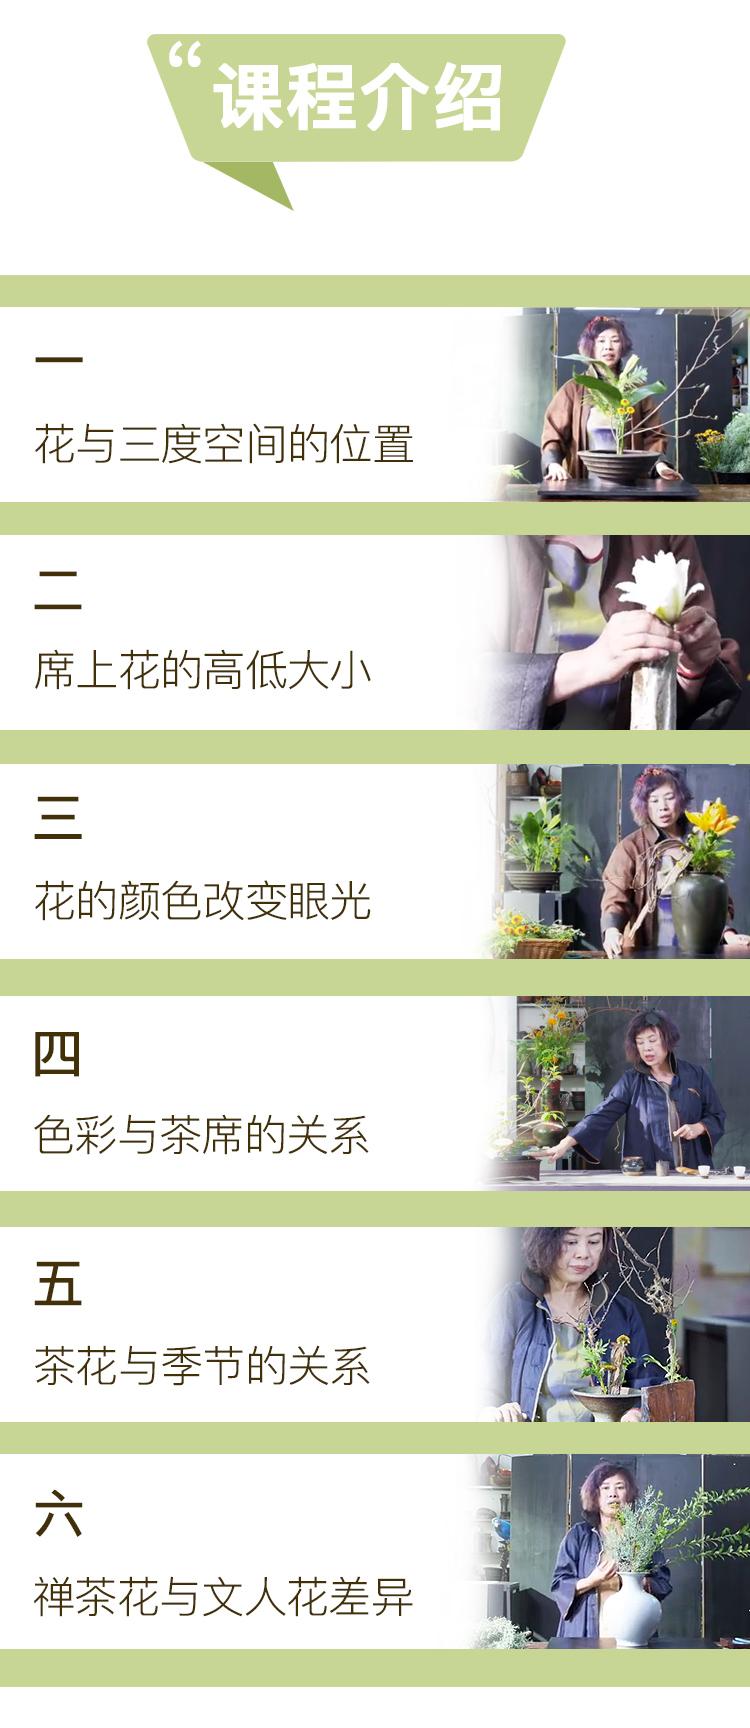 常定华花艺优化_05